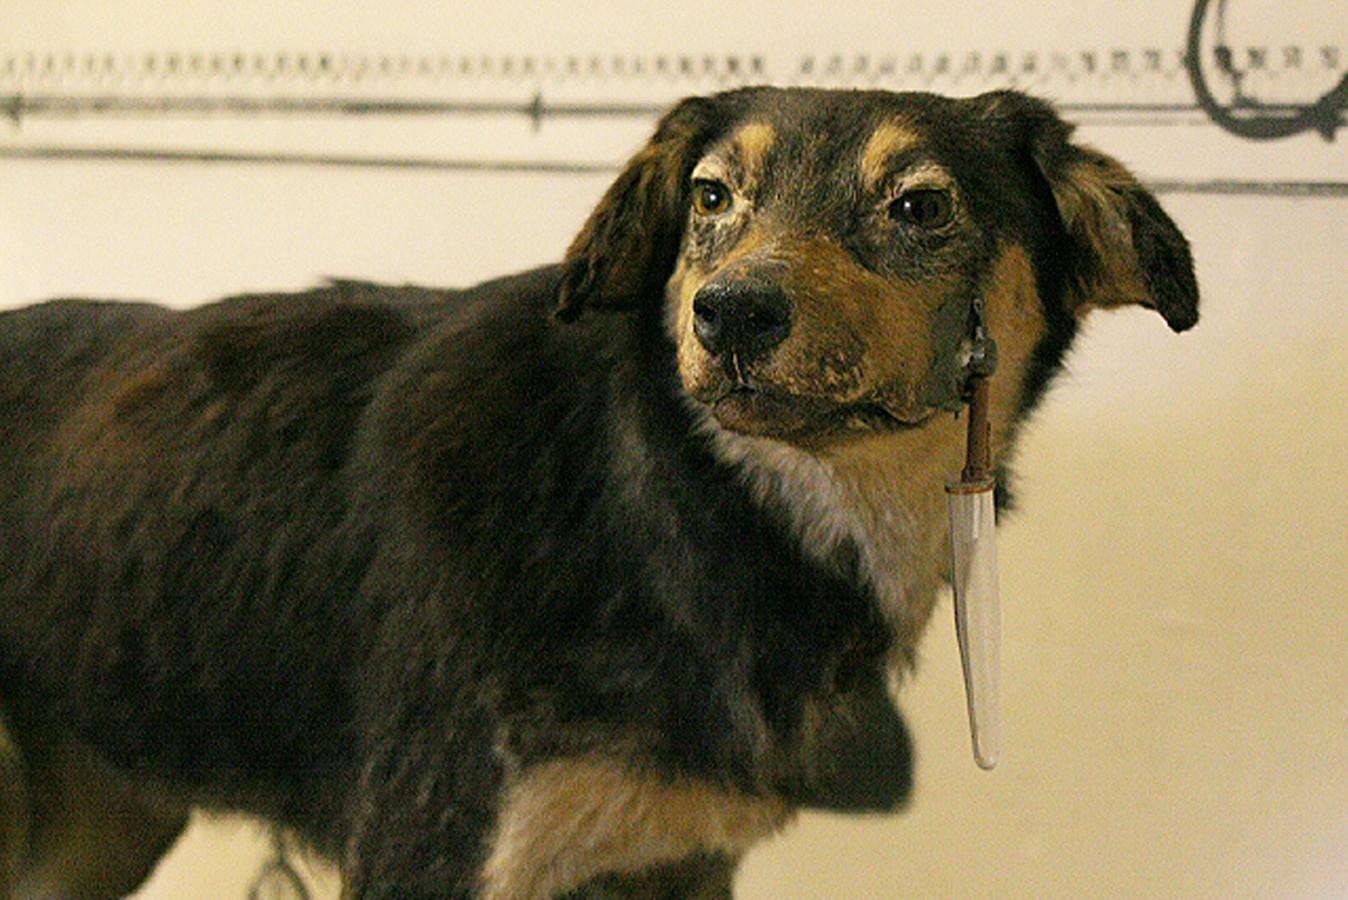 Eén van Pavlovs honden, die opgezet te bezichtigen valt in het Pavlov Museum in Rjazan, Rusland.